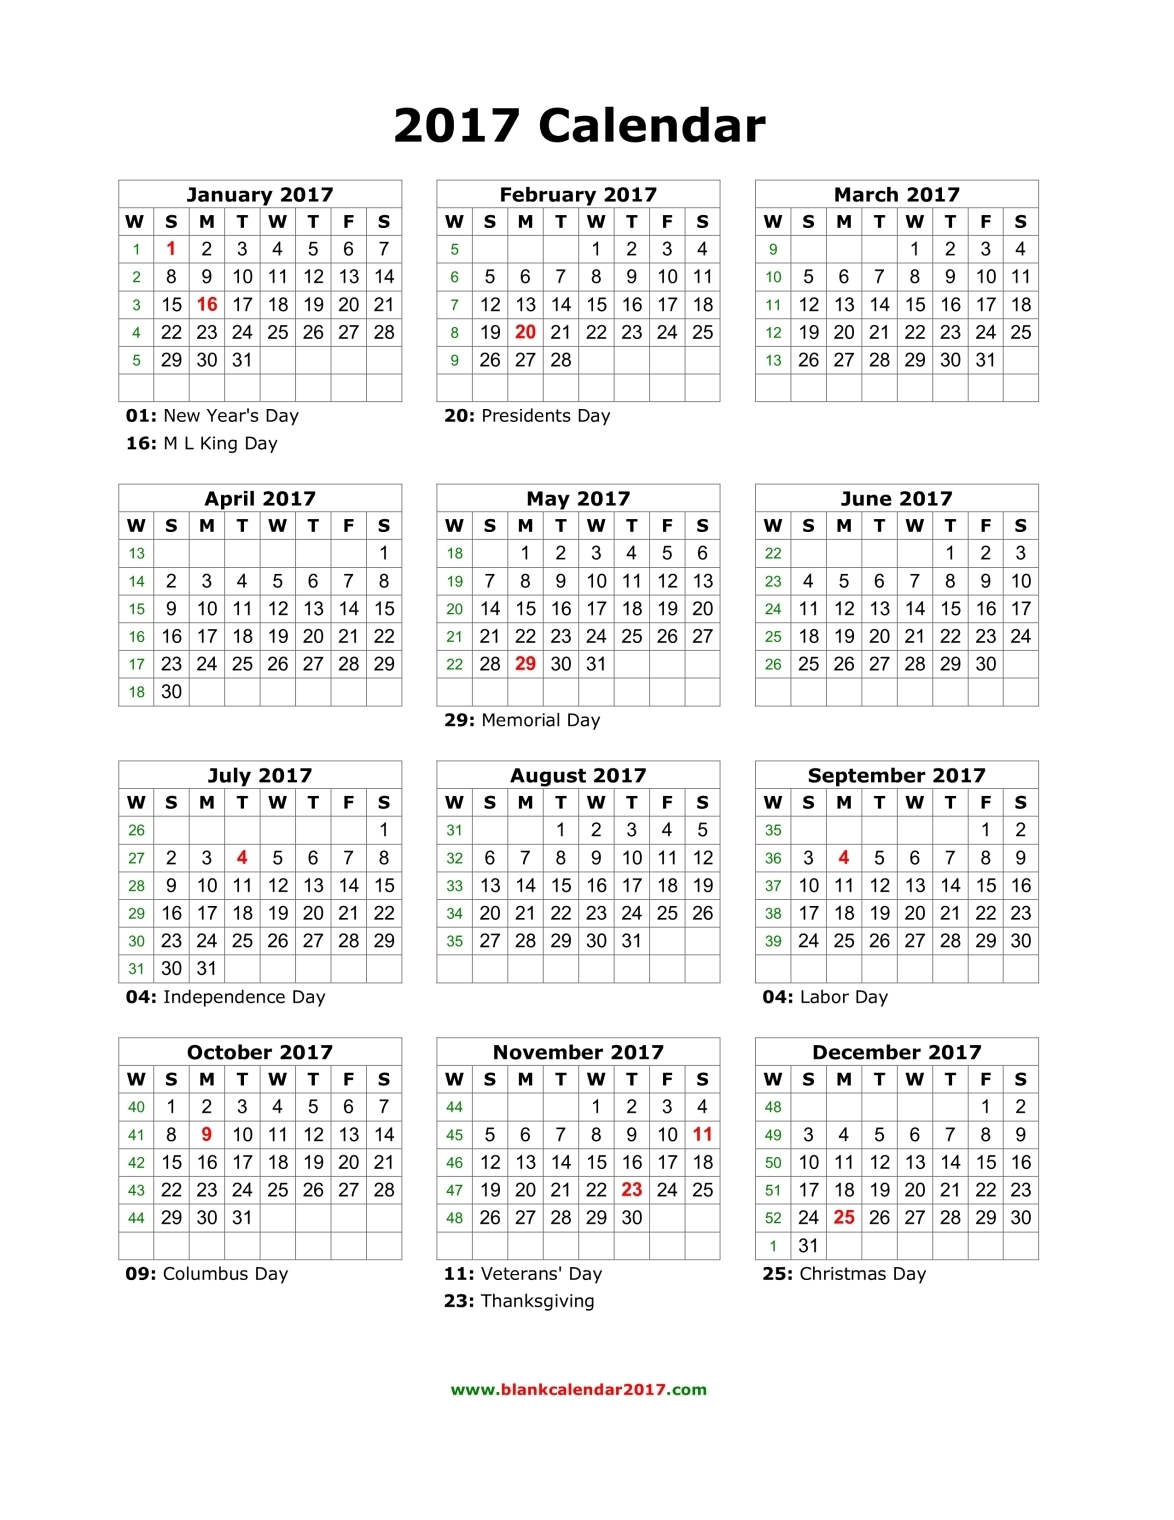 Blank Calendar 2017